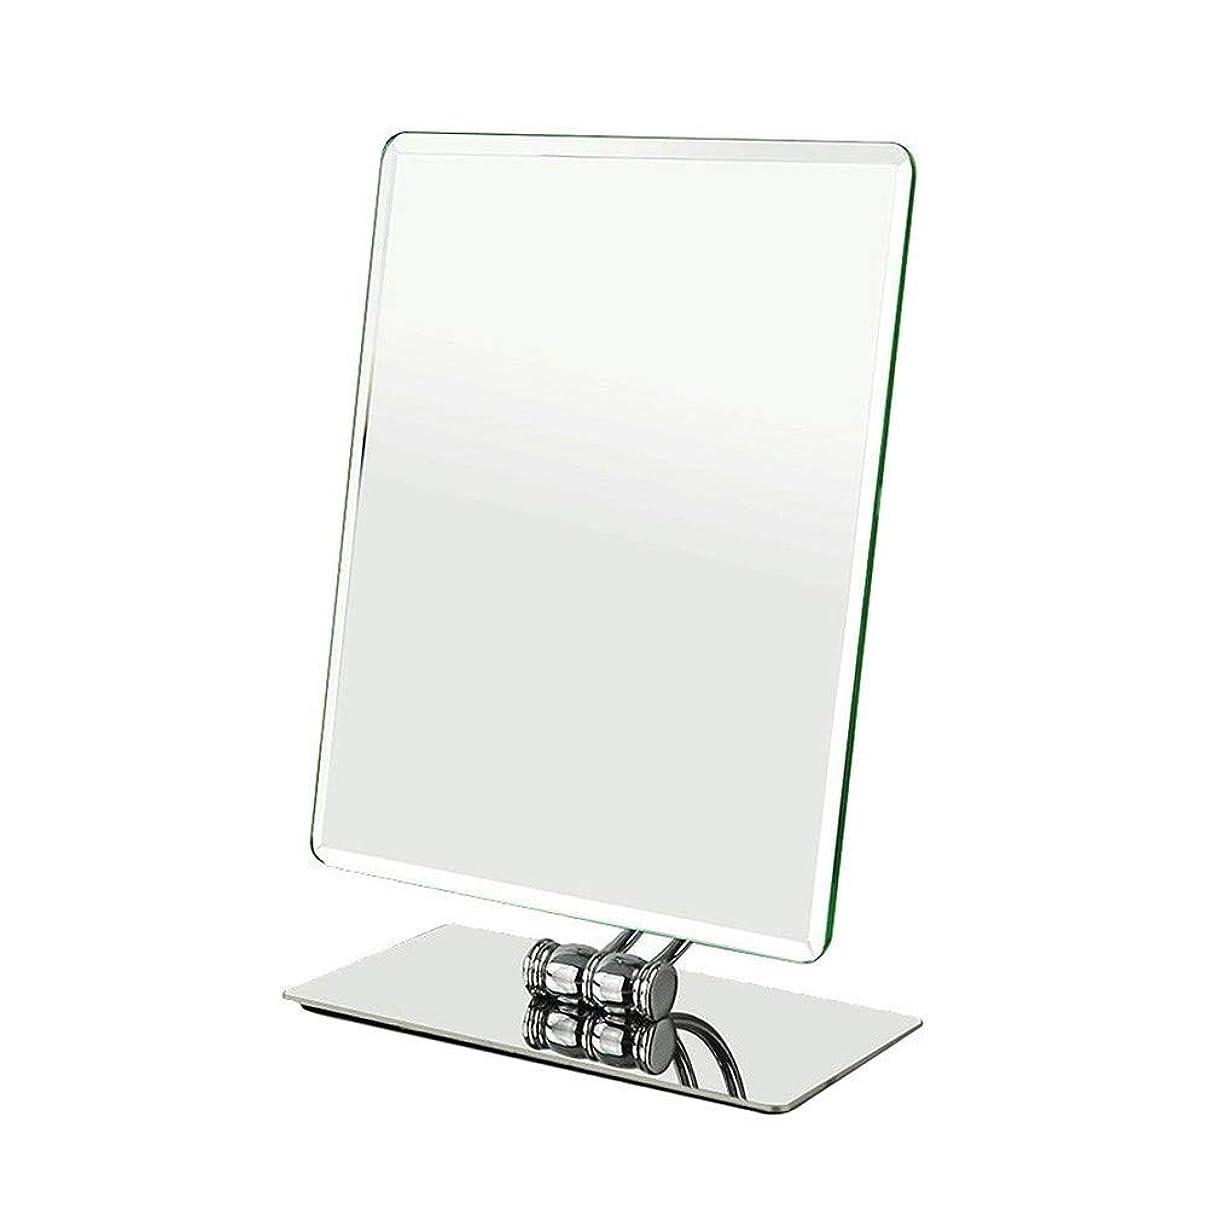 酸度接続詞果てしない化粧鏡 スクエアミラークリエイティブヨーロッパ片面デスクトップミラーHDデスクトップミラーカウンターミラー